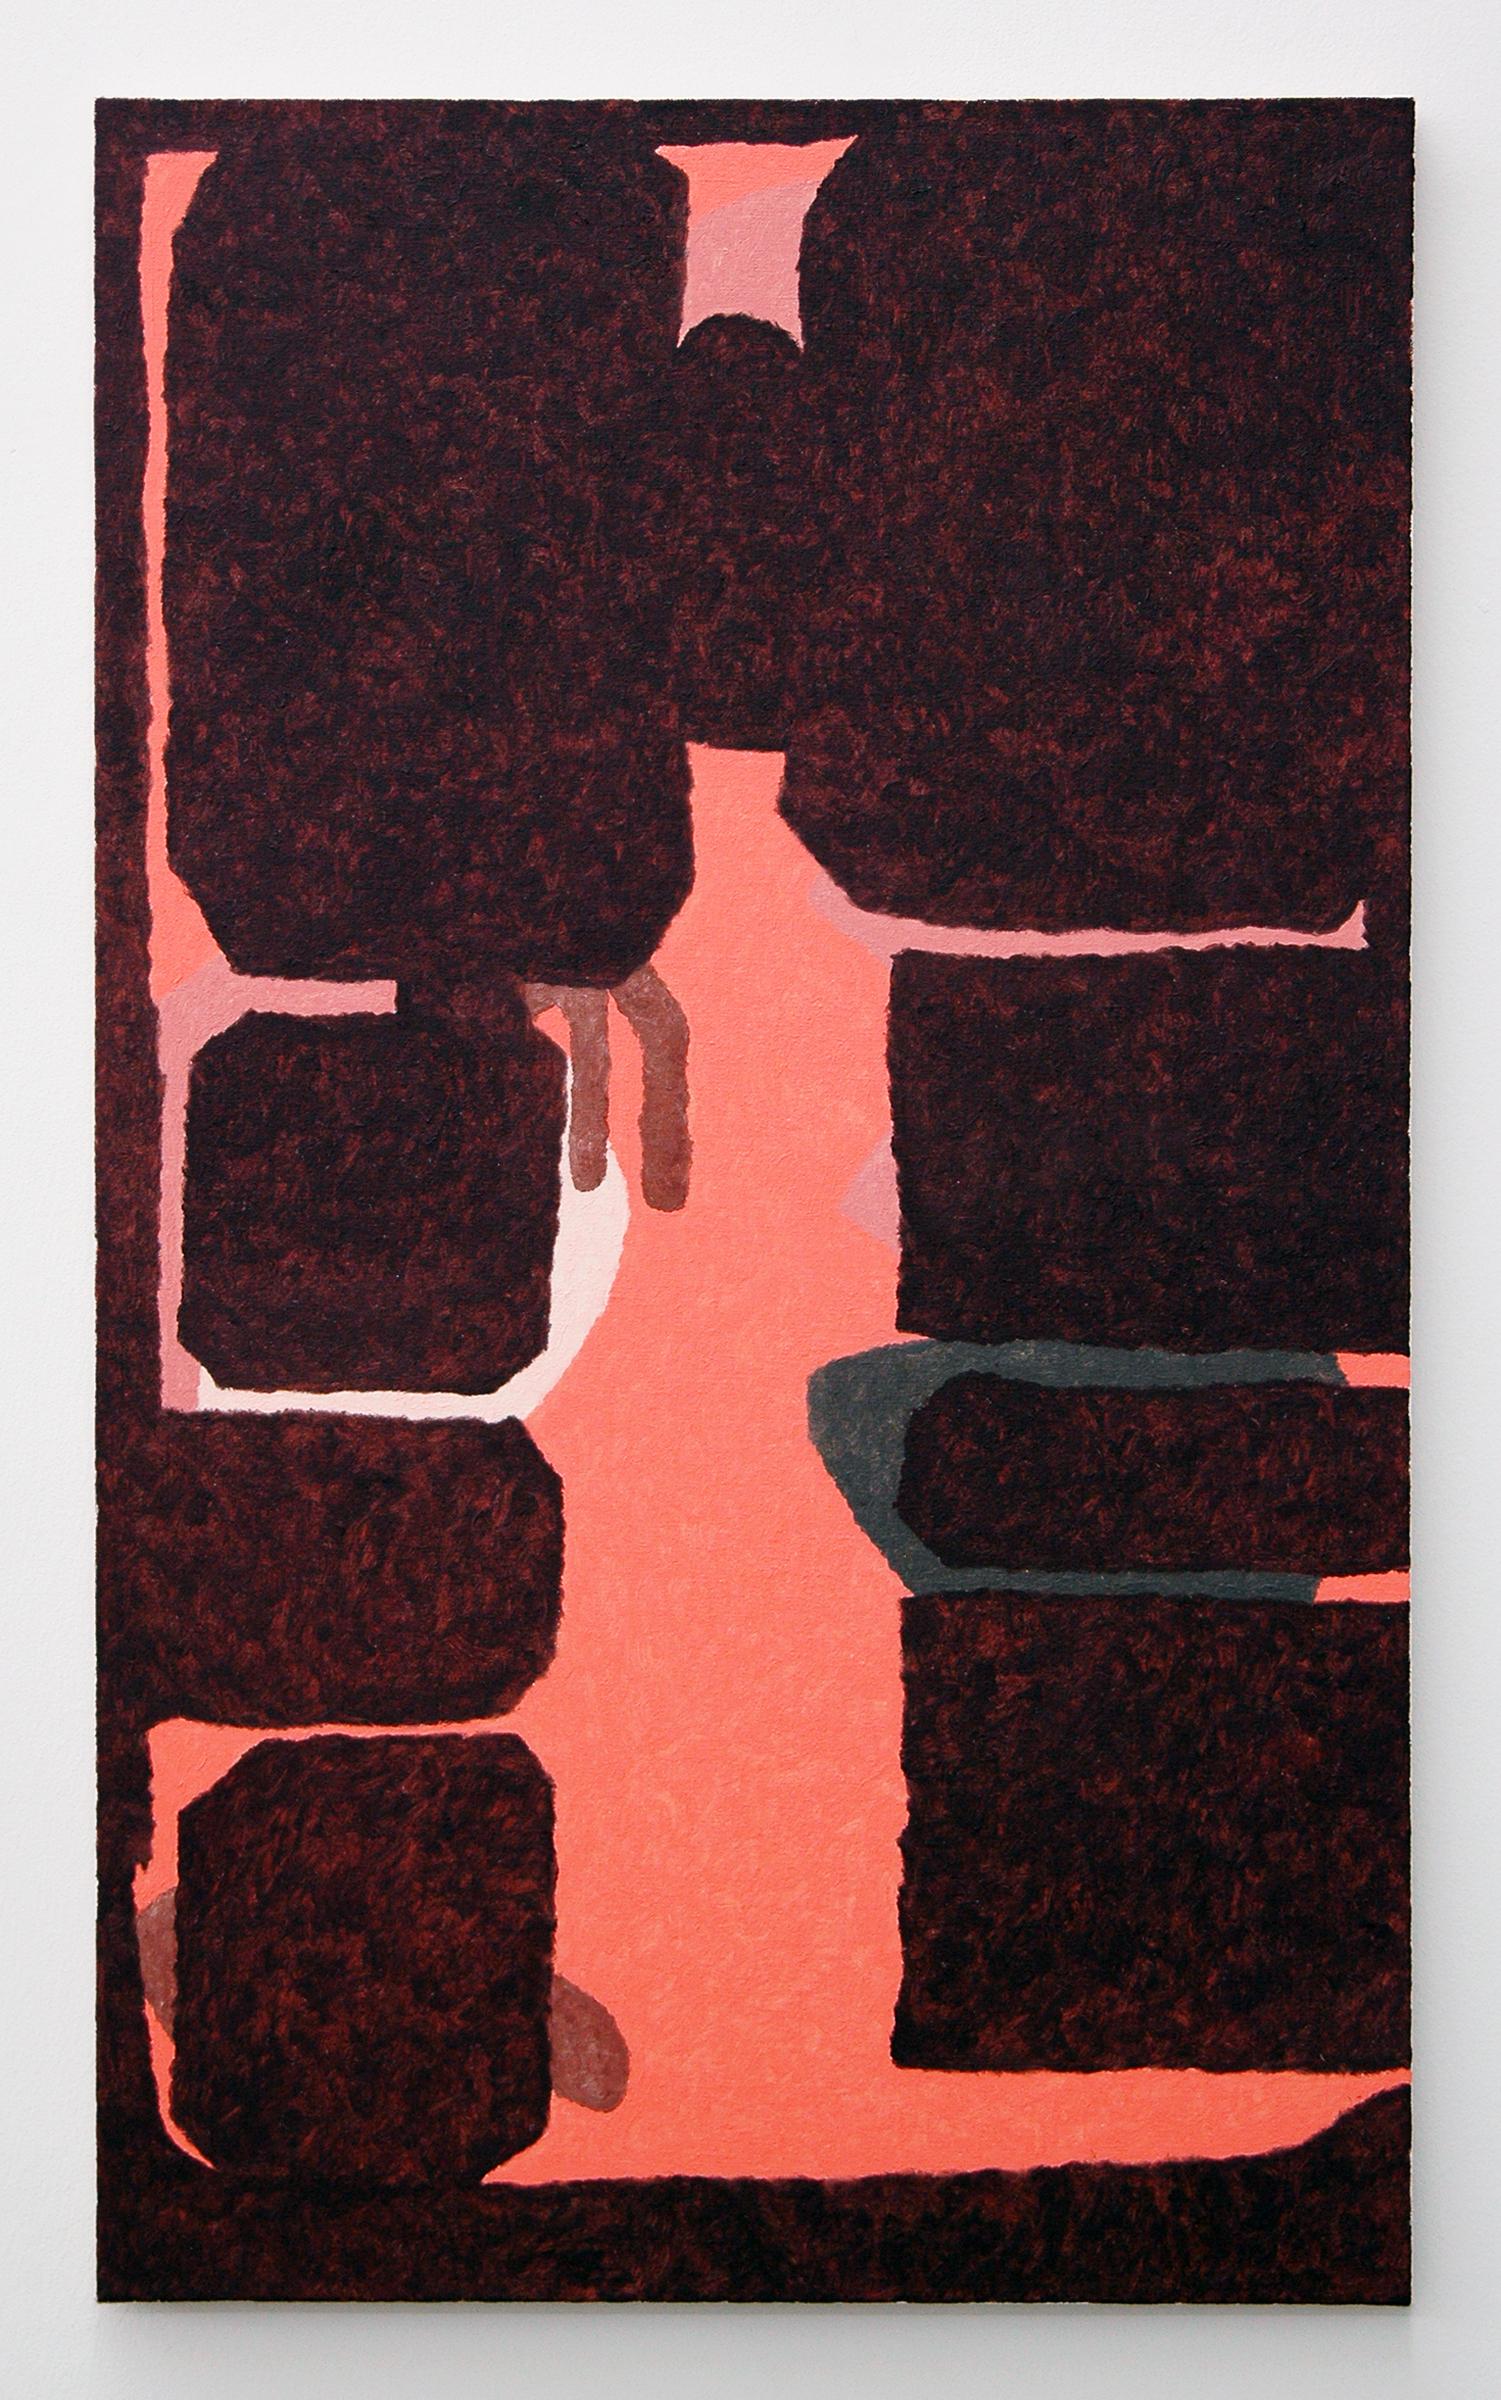 """/SLASH/  Burno Fazzolari, Dat Rosa (BFP216), oil on linen, 30"""" x 18"""", 2014"""